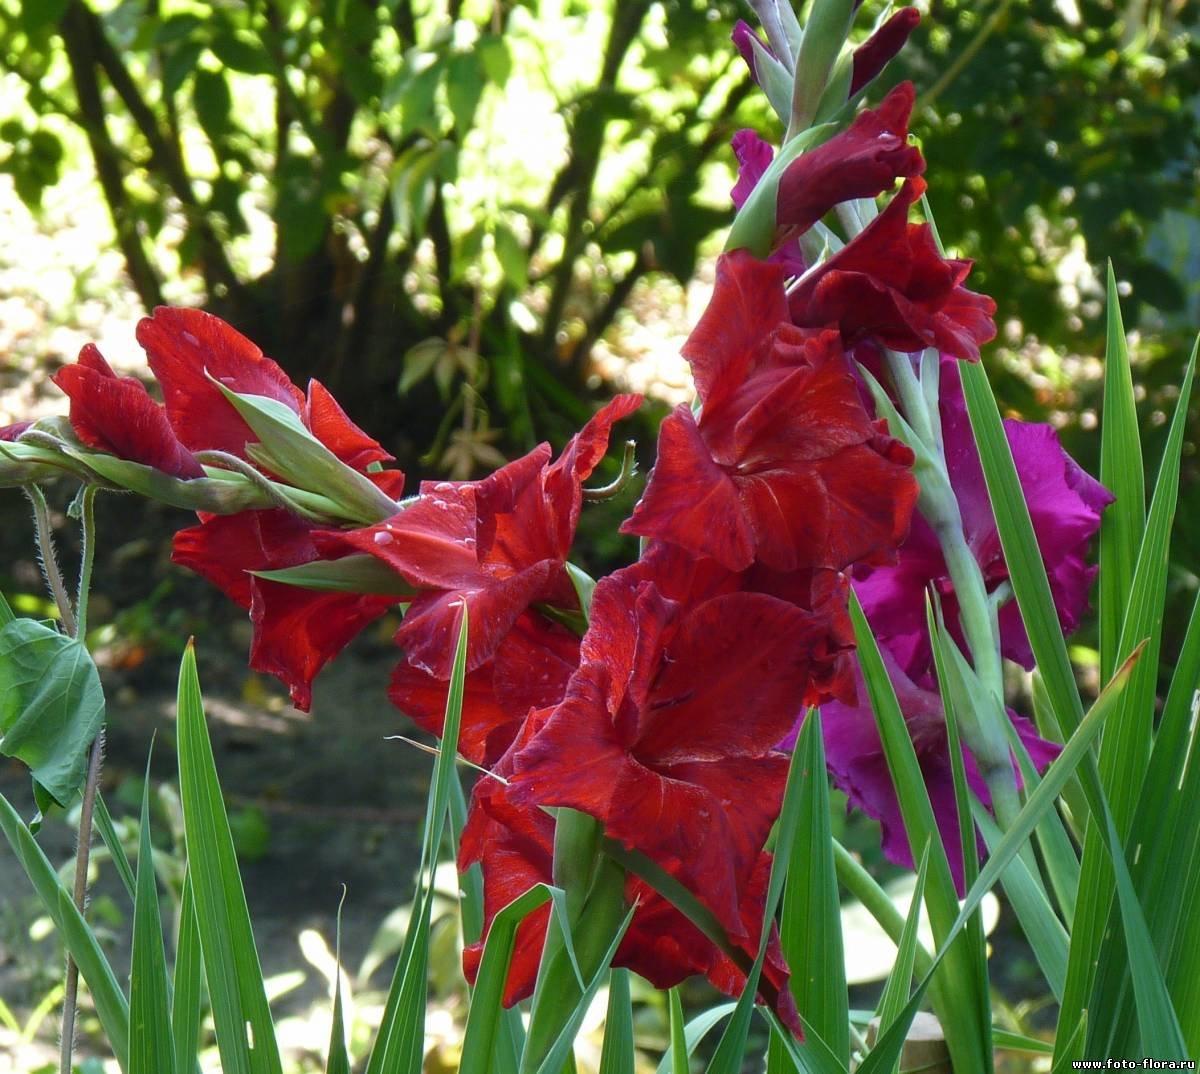 ссоры гладиолусы фото цветов в саду находится пределами